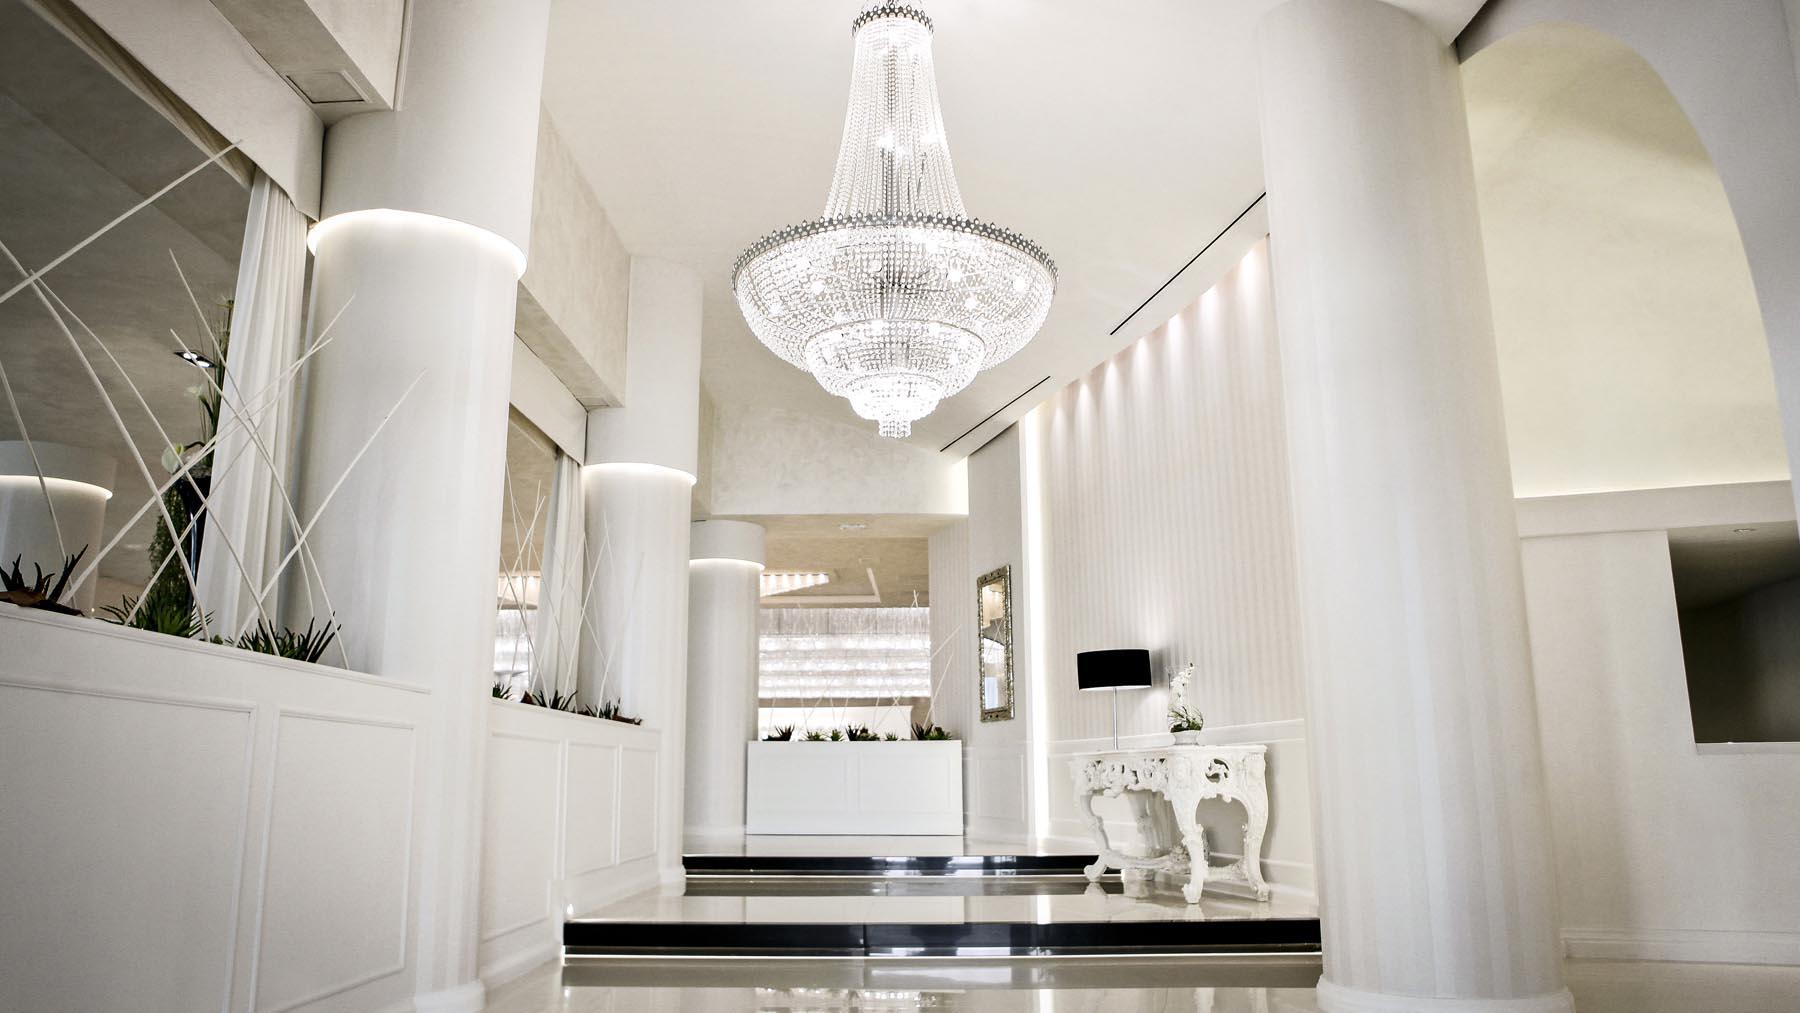 Dea-Ebe-Black-e-White-in-stile-chanel-(12)